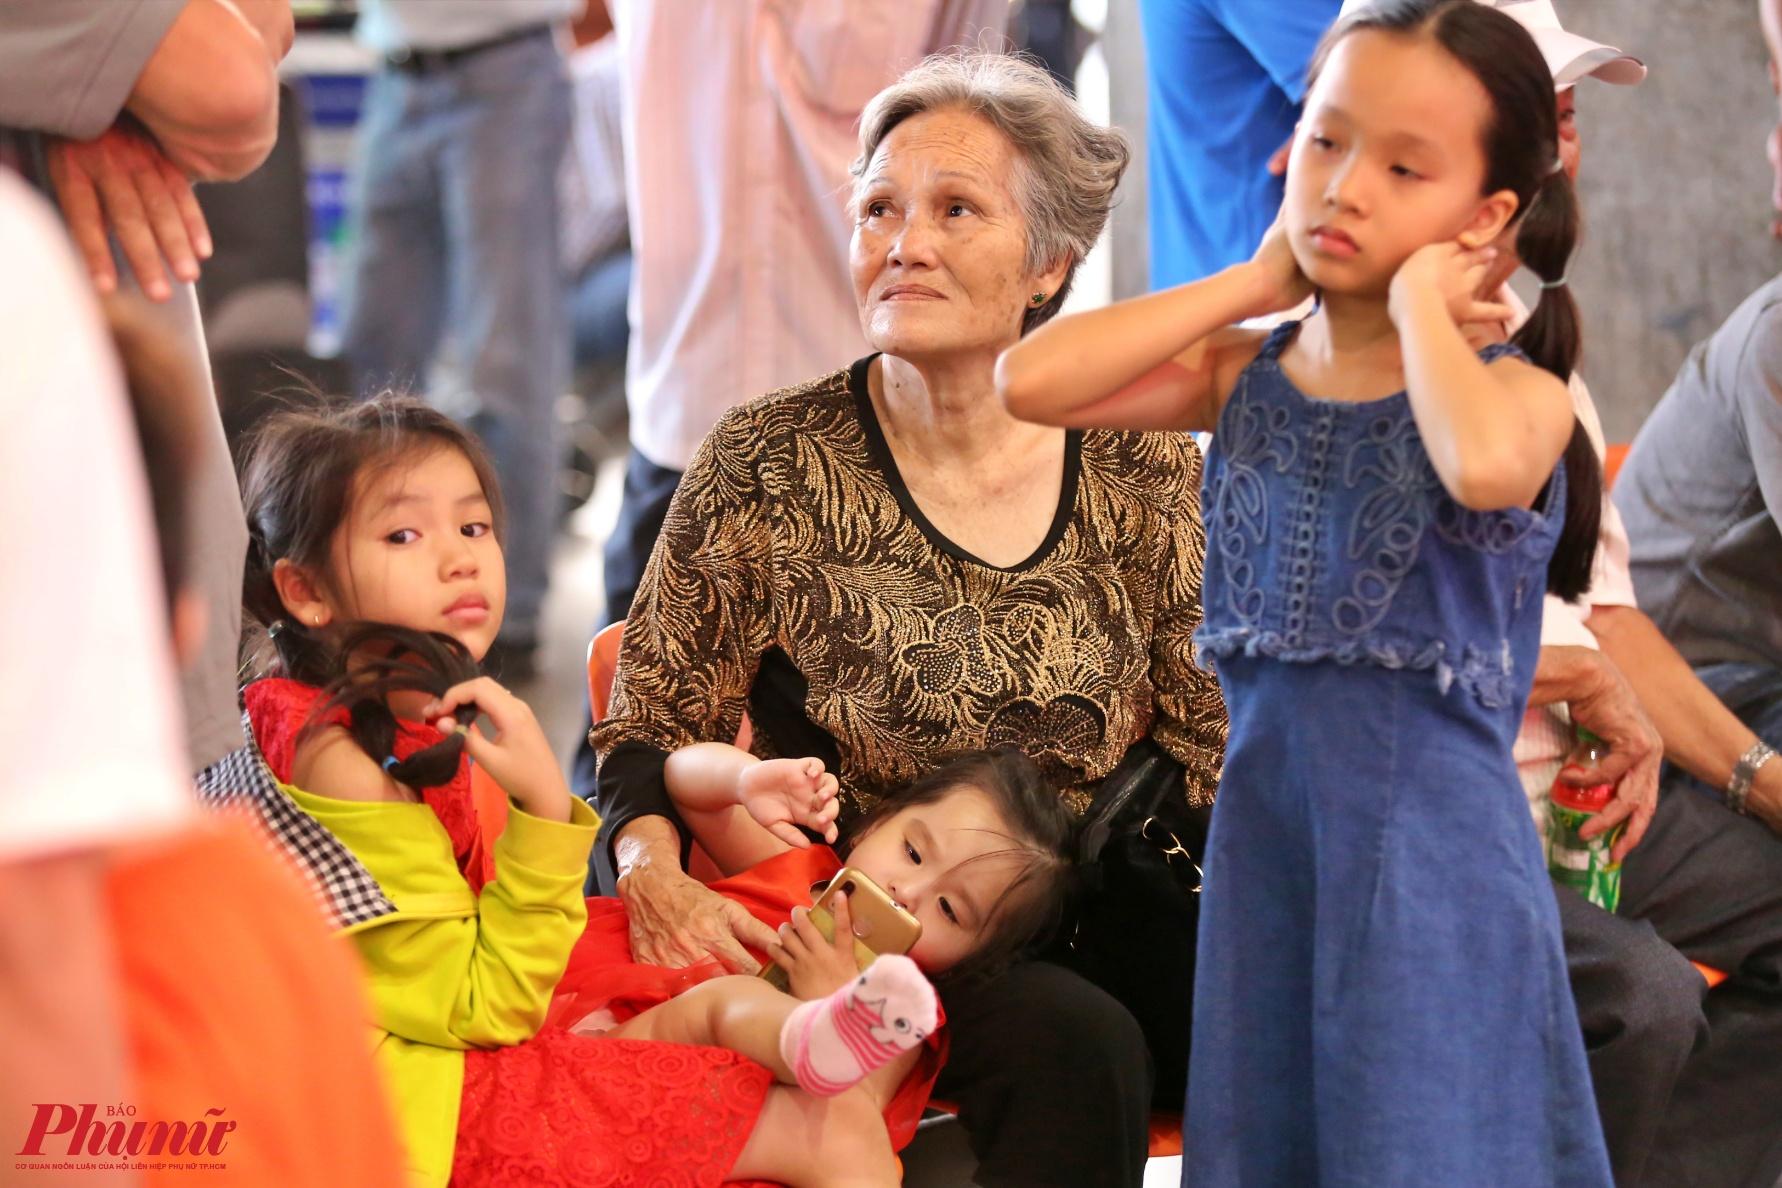 Một cụ bà nóng ruột ngồi ôm 2 đứa cháu nhìn lên bảng điện tử các chuyến bay đáp xuống nhà ga quốc tế